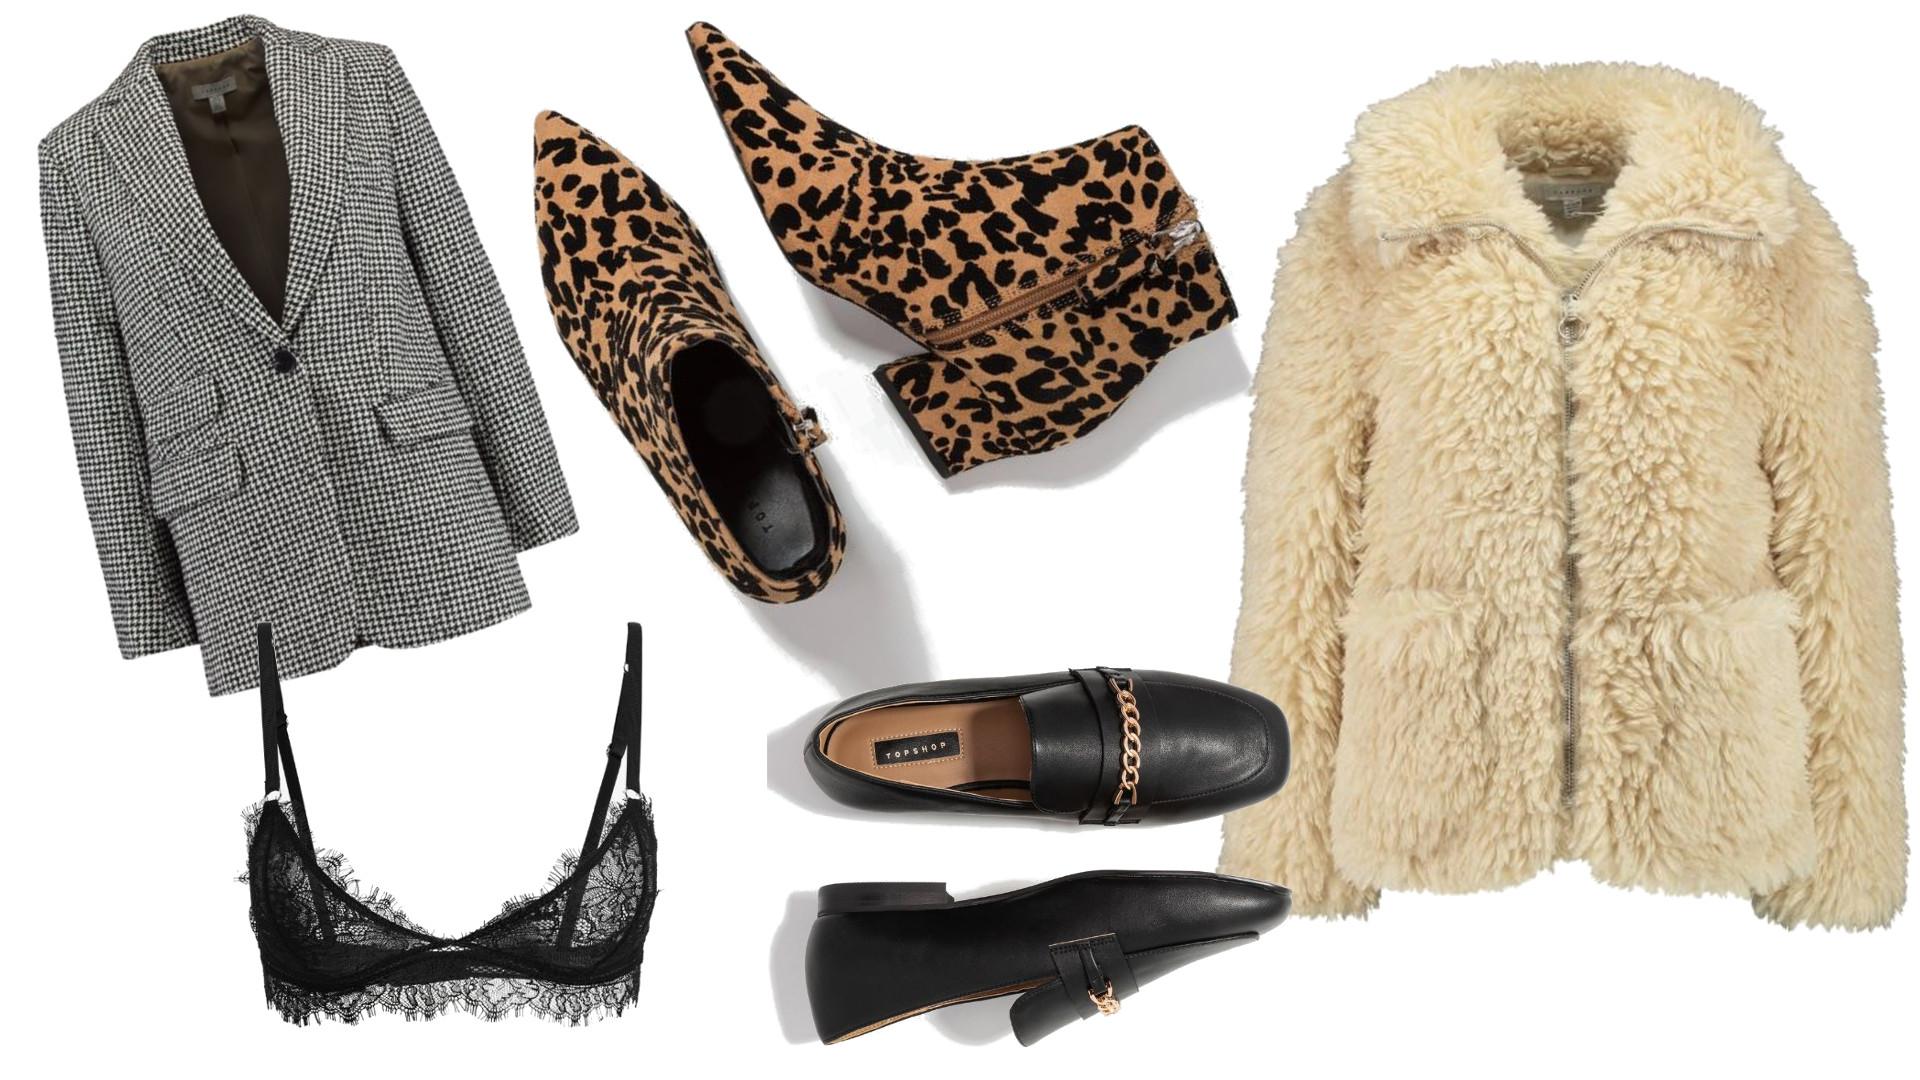 WYPRZEDAŻ w TOPSHOP! Kurtki, buty, bielizna – co można kupić taniej?